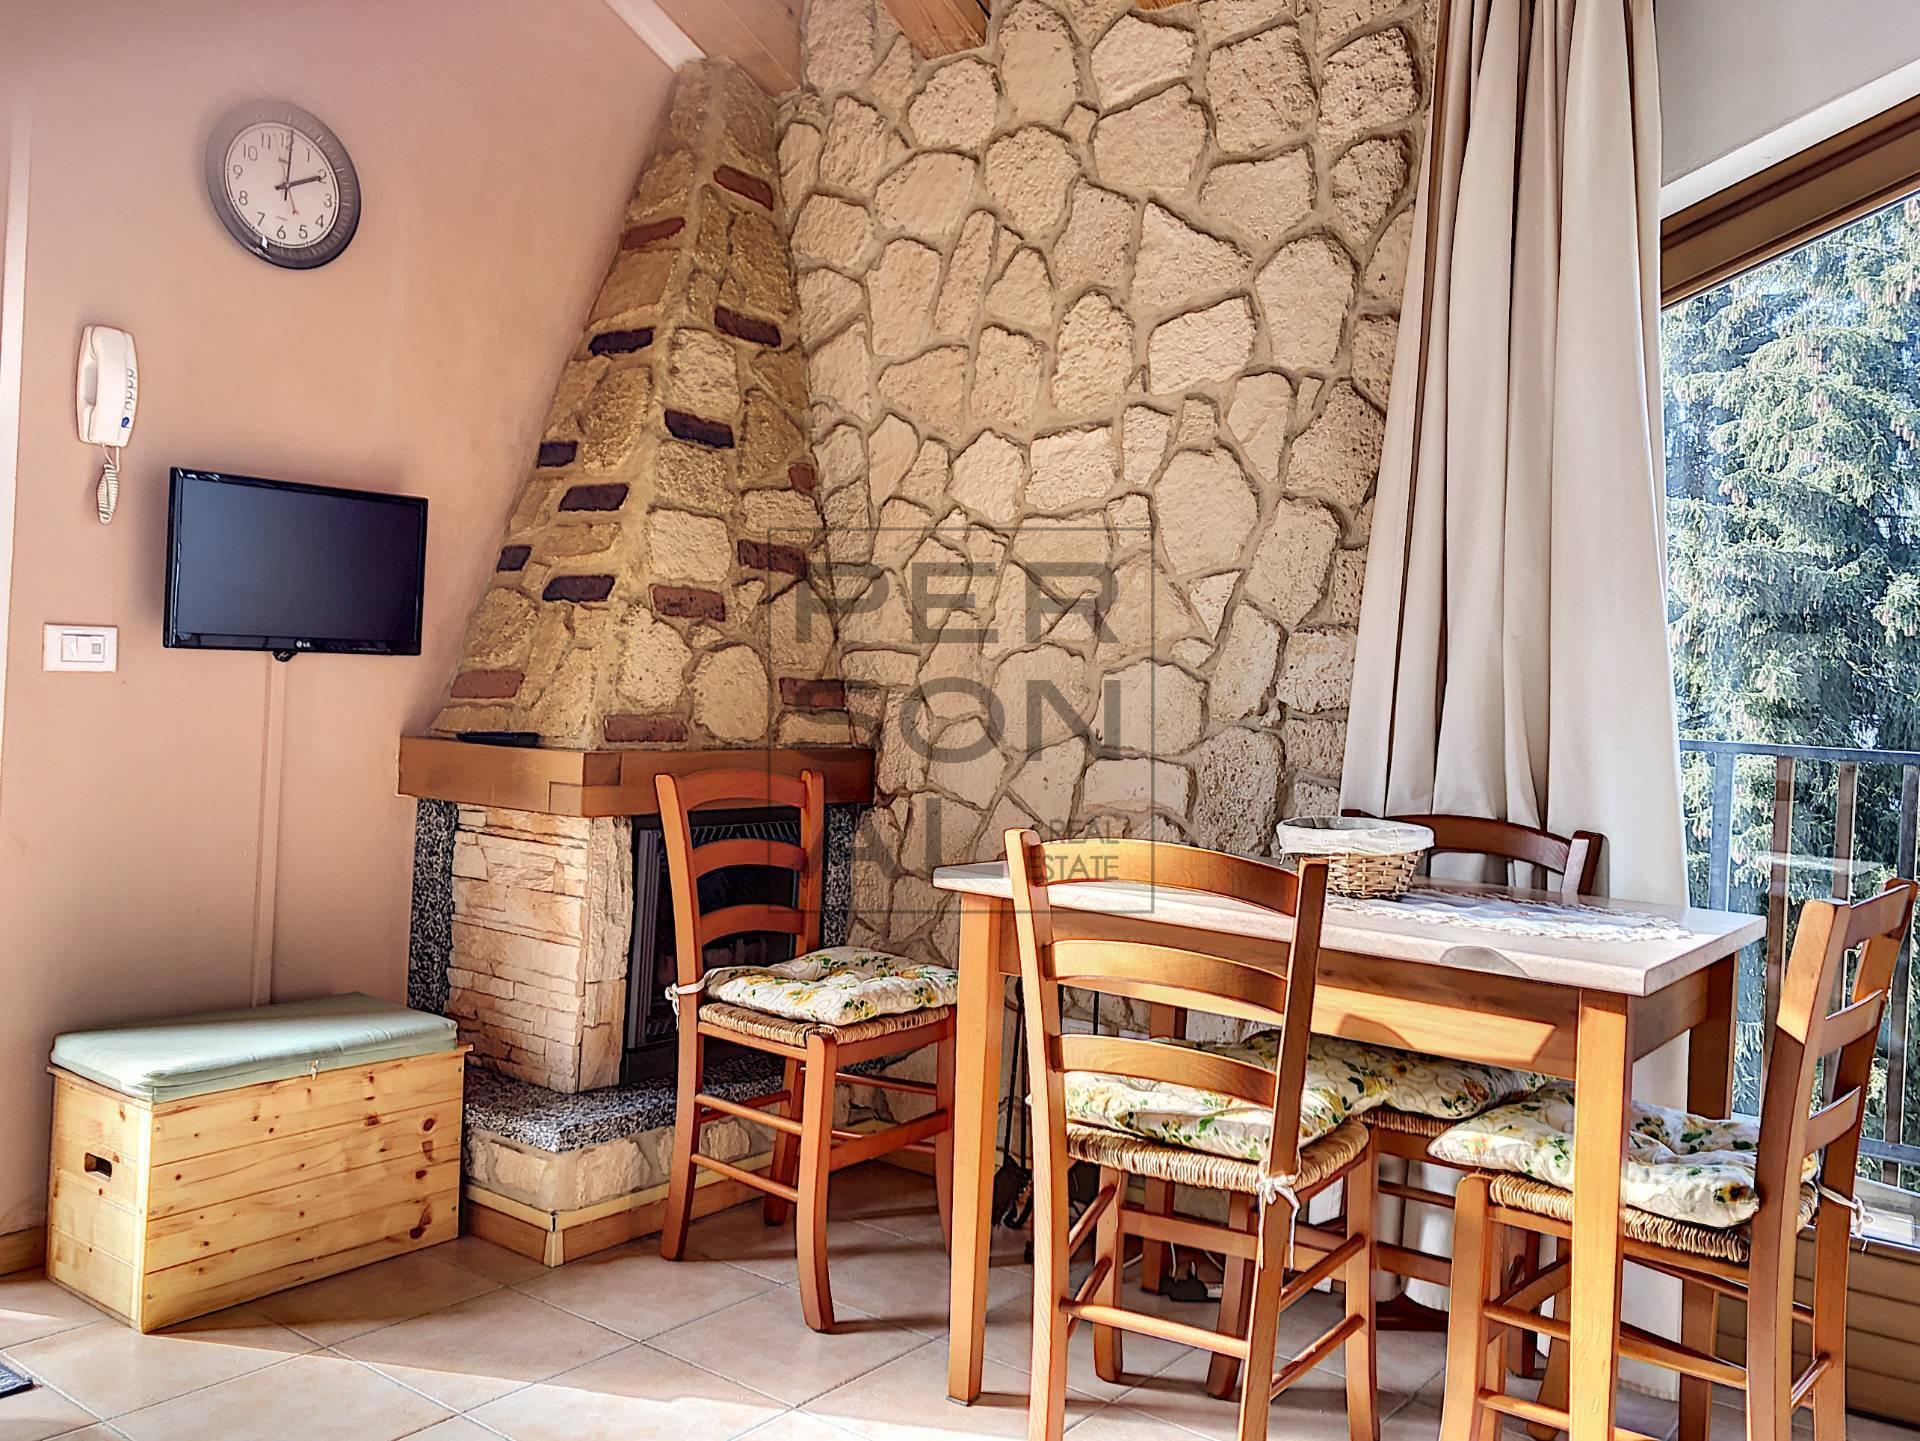 Appartamento in vendita a Brentonico, 4 locali, zona Località: Polsa, prezzo € 75.000 | CambioCasa.it